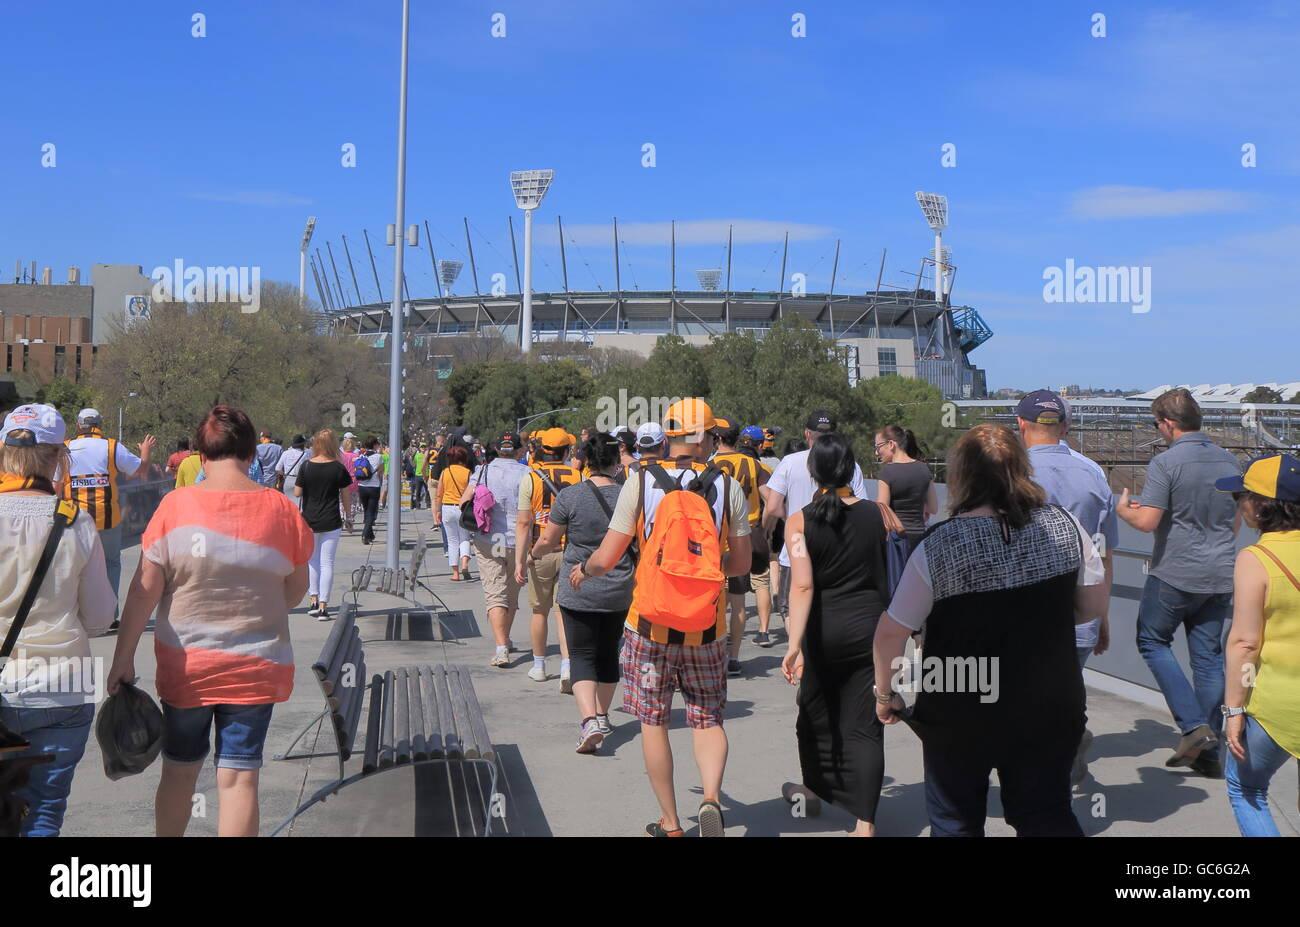 La gente visita MCG per AFL terreno di gioco finale a Melbourne in Australia. Immagini Stock